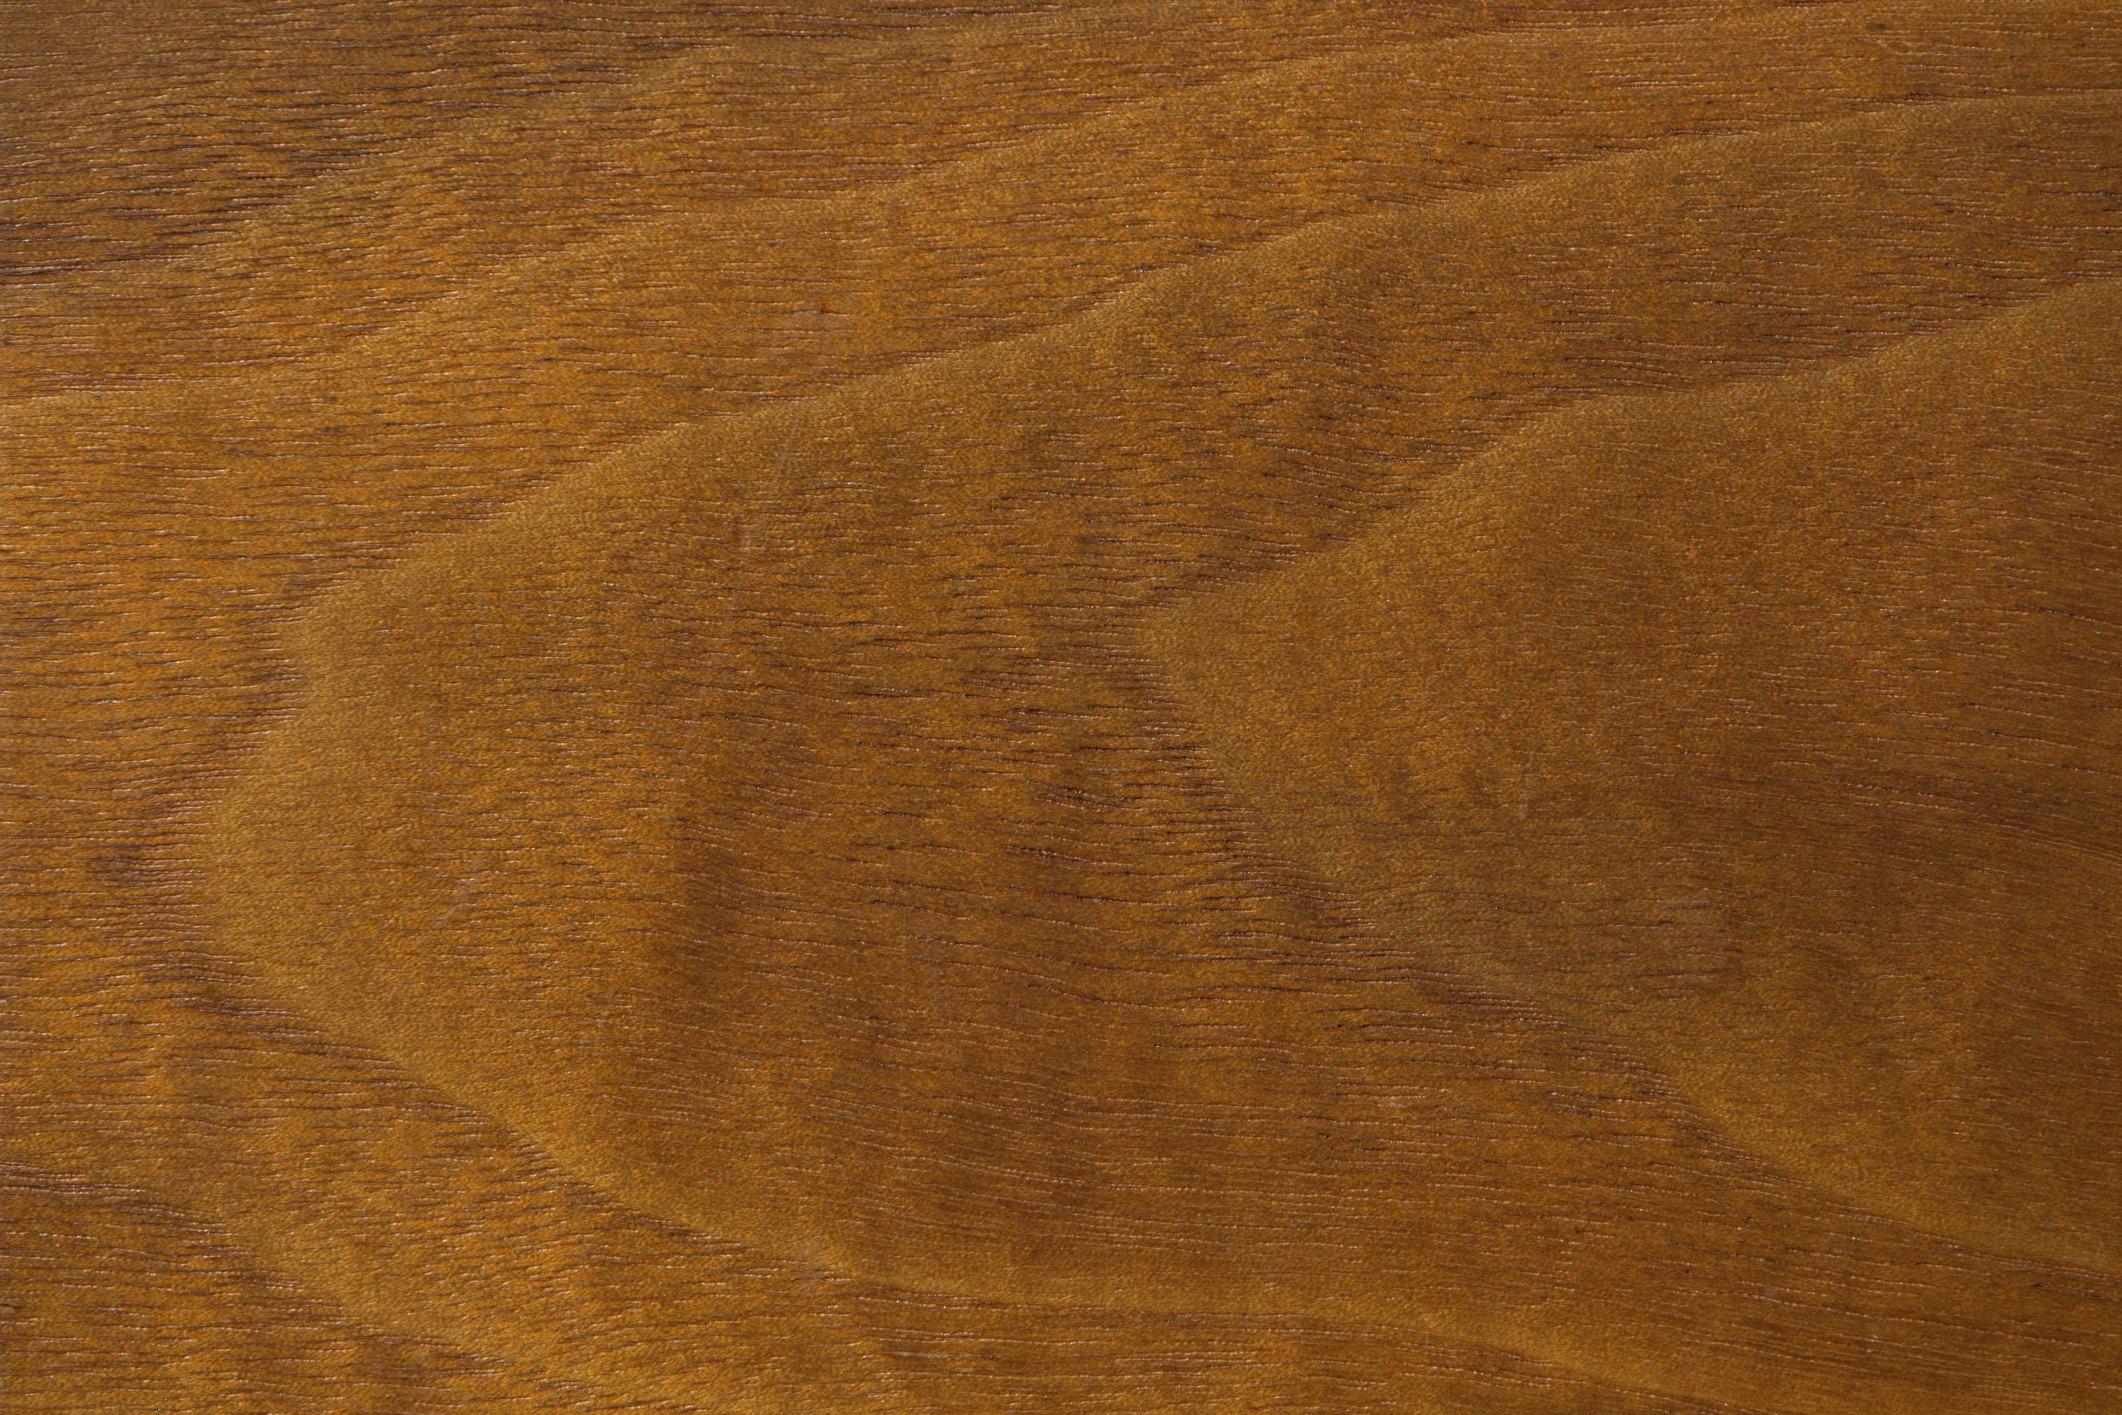 Walnut Vs. Cherry Wood | eHow